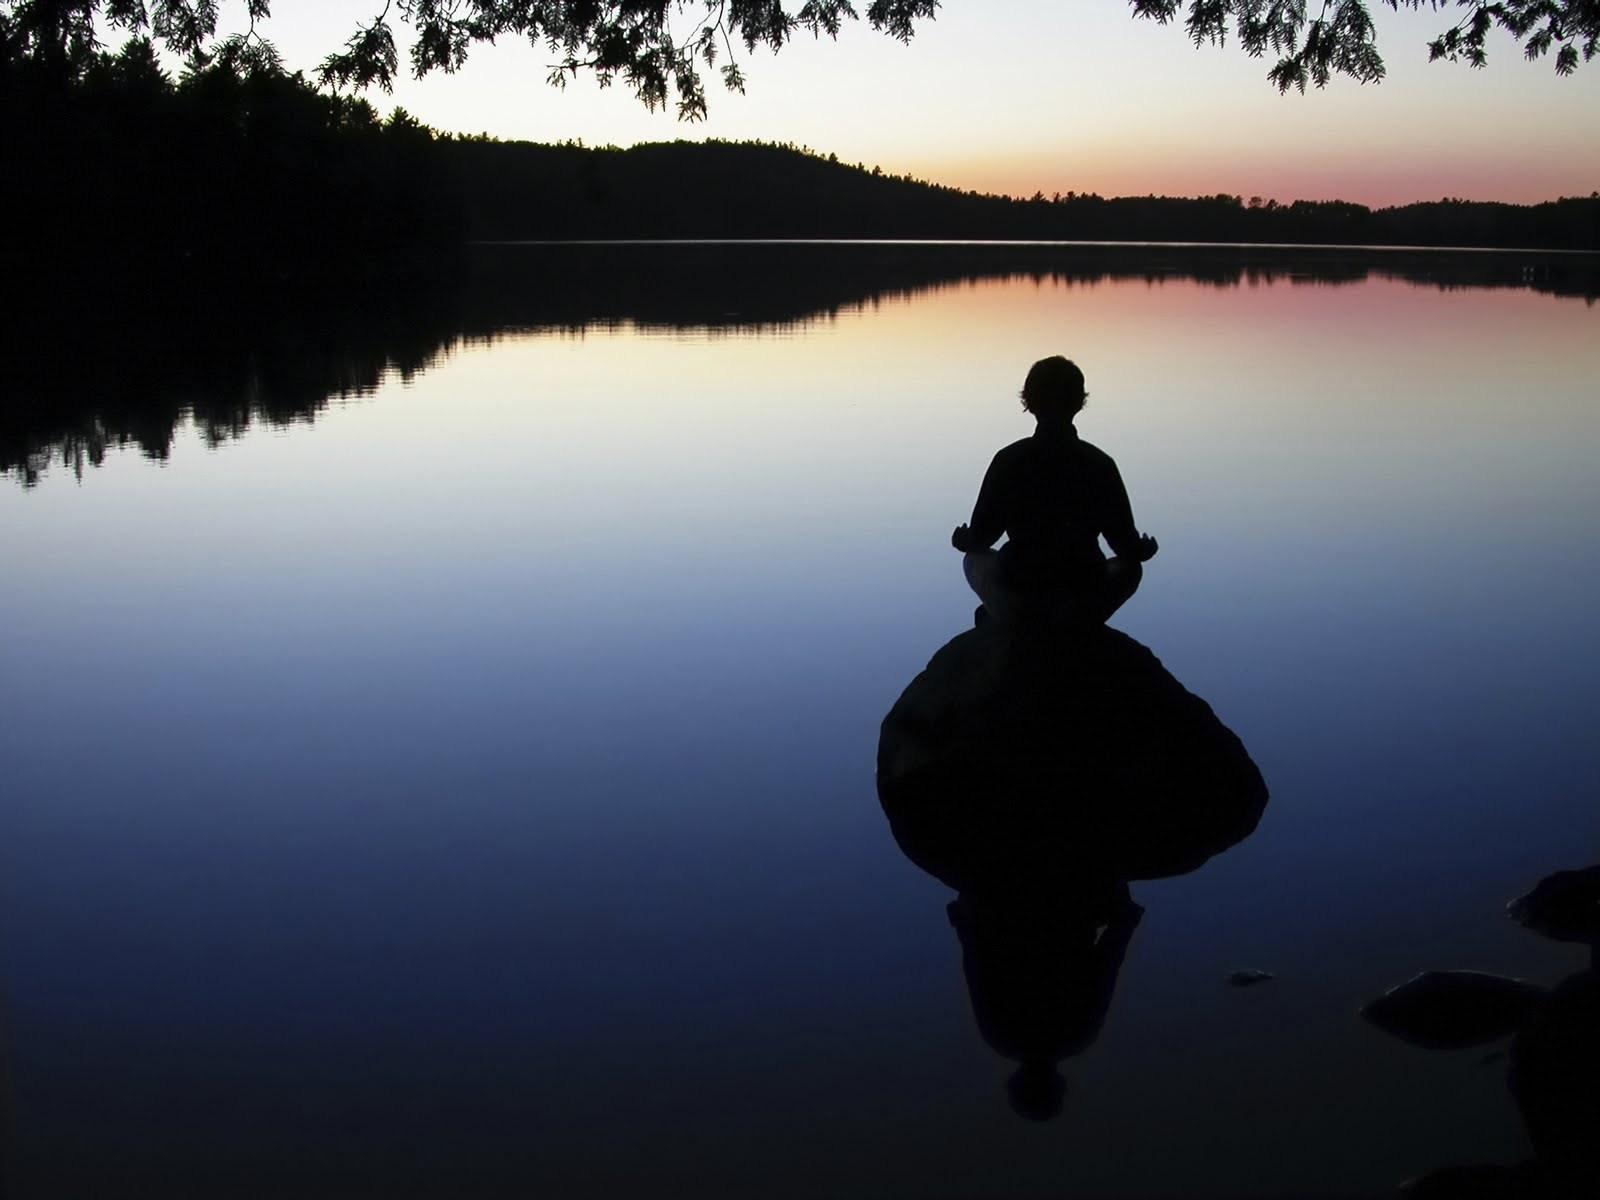 аудио методы медитации при бессоннице вышивать